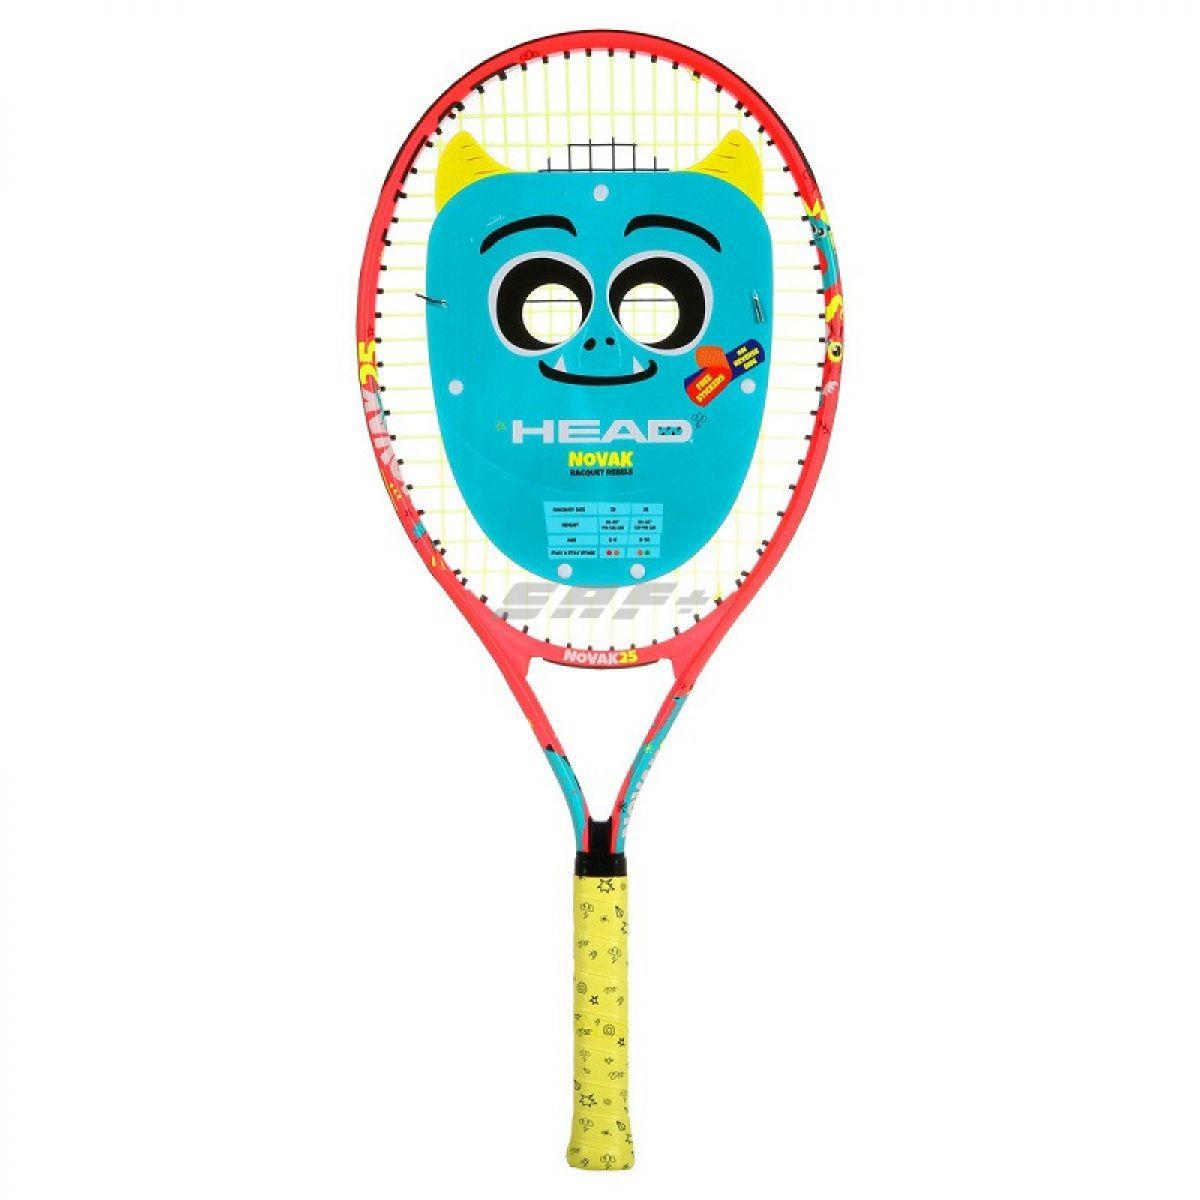 Ракетка теннисная Ракетка б/т дет. HEAD Novak 25 Gr07, арт.233500, для 8-10 лет, алюм., со струнами, красн-сине-желтый